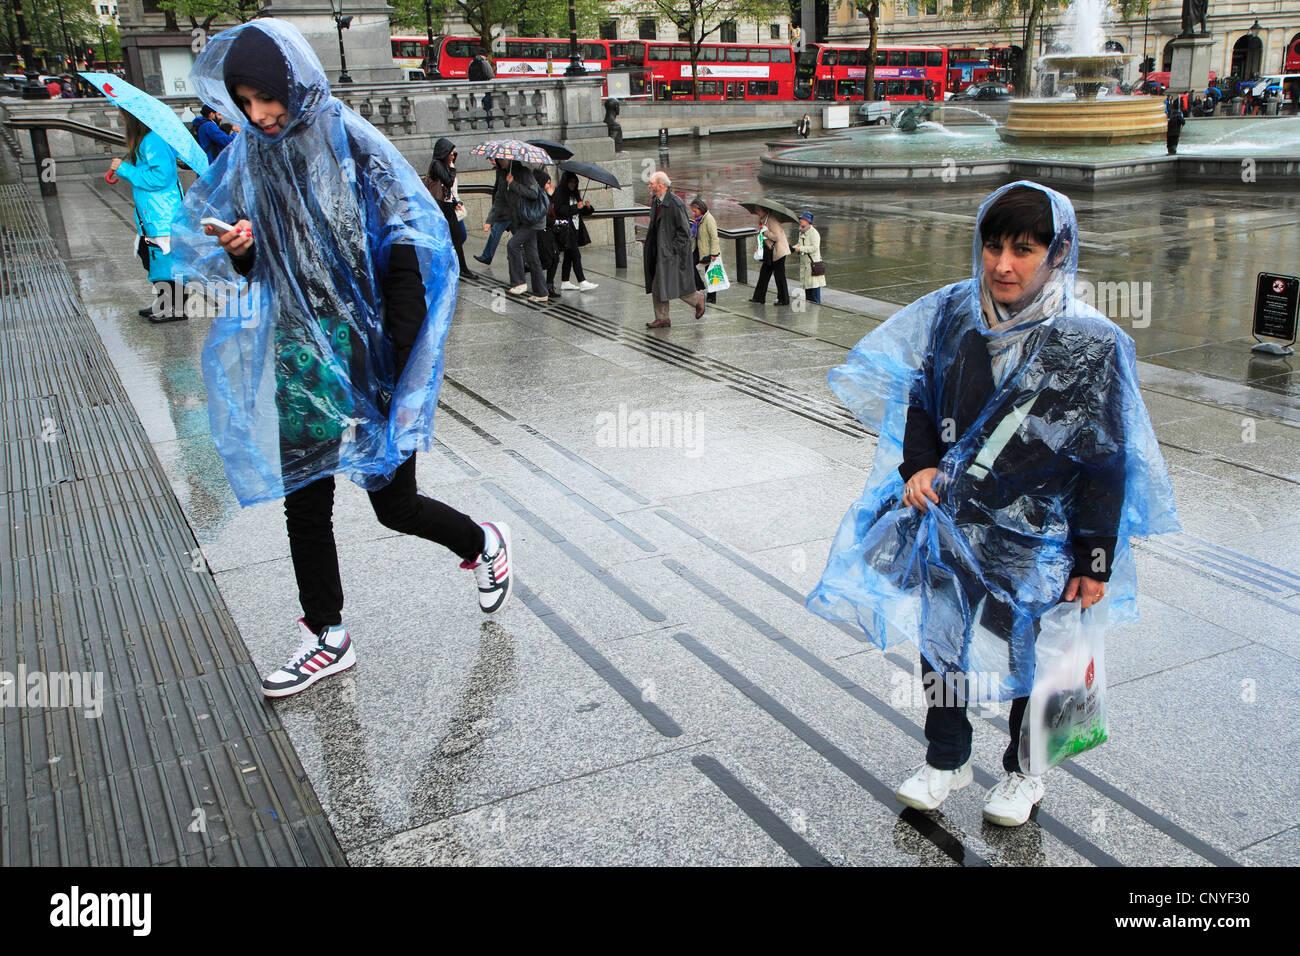 Touristen im Regen, London UK Stockbild